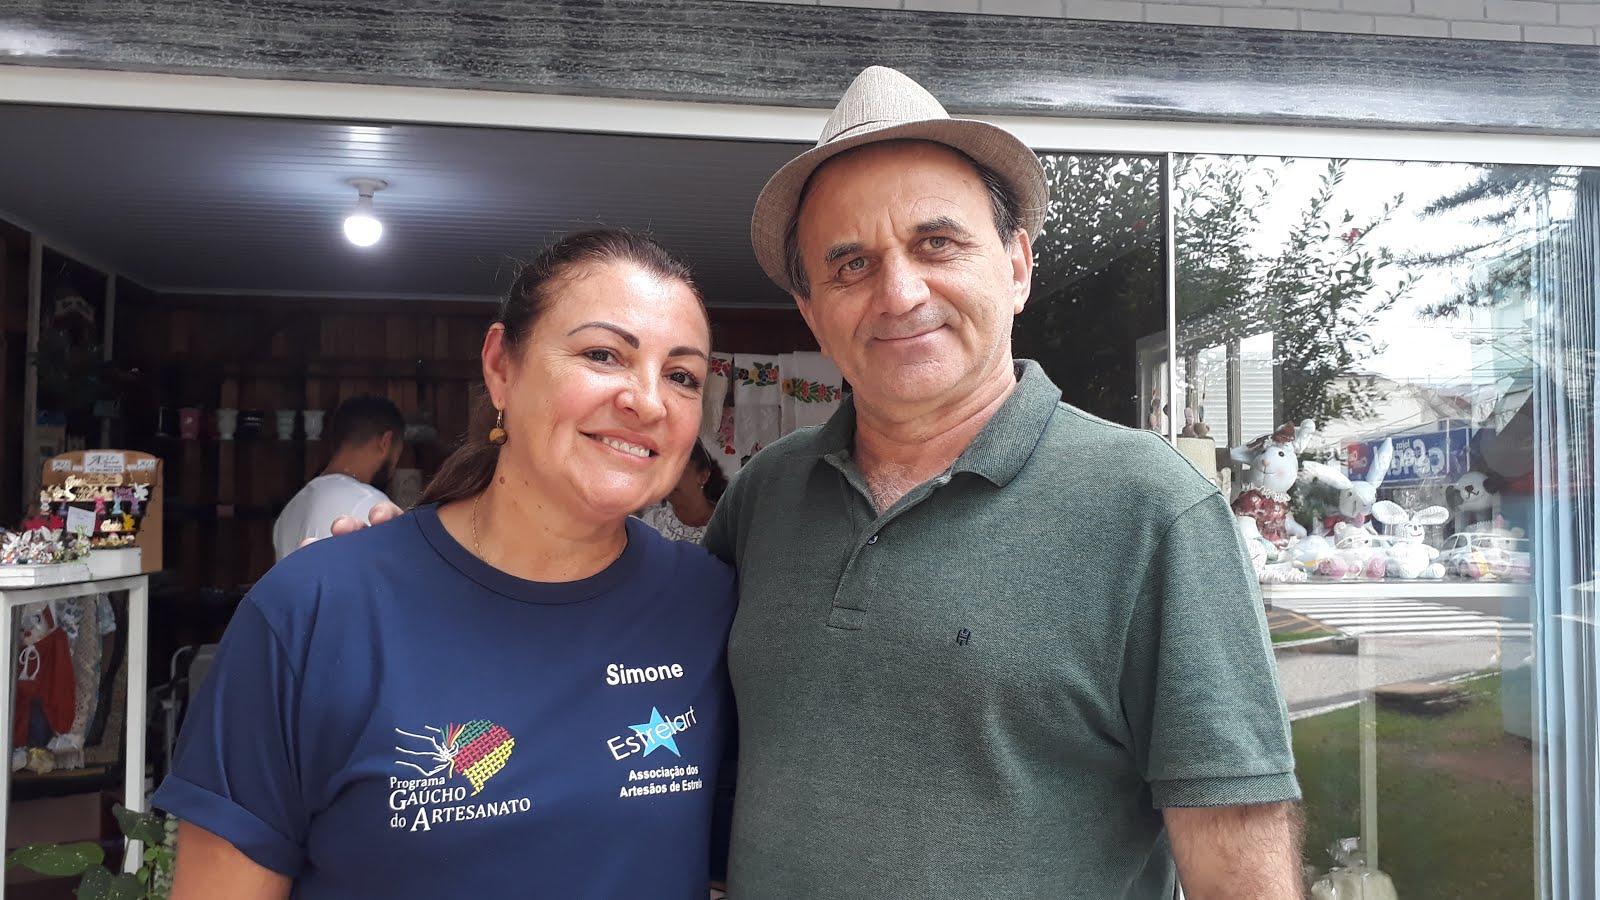 Airton Engster dos Santos e Simone Wolker